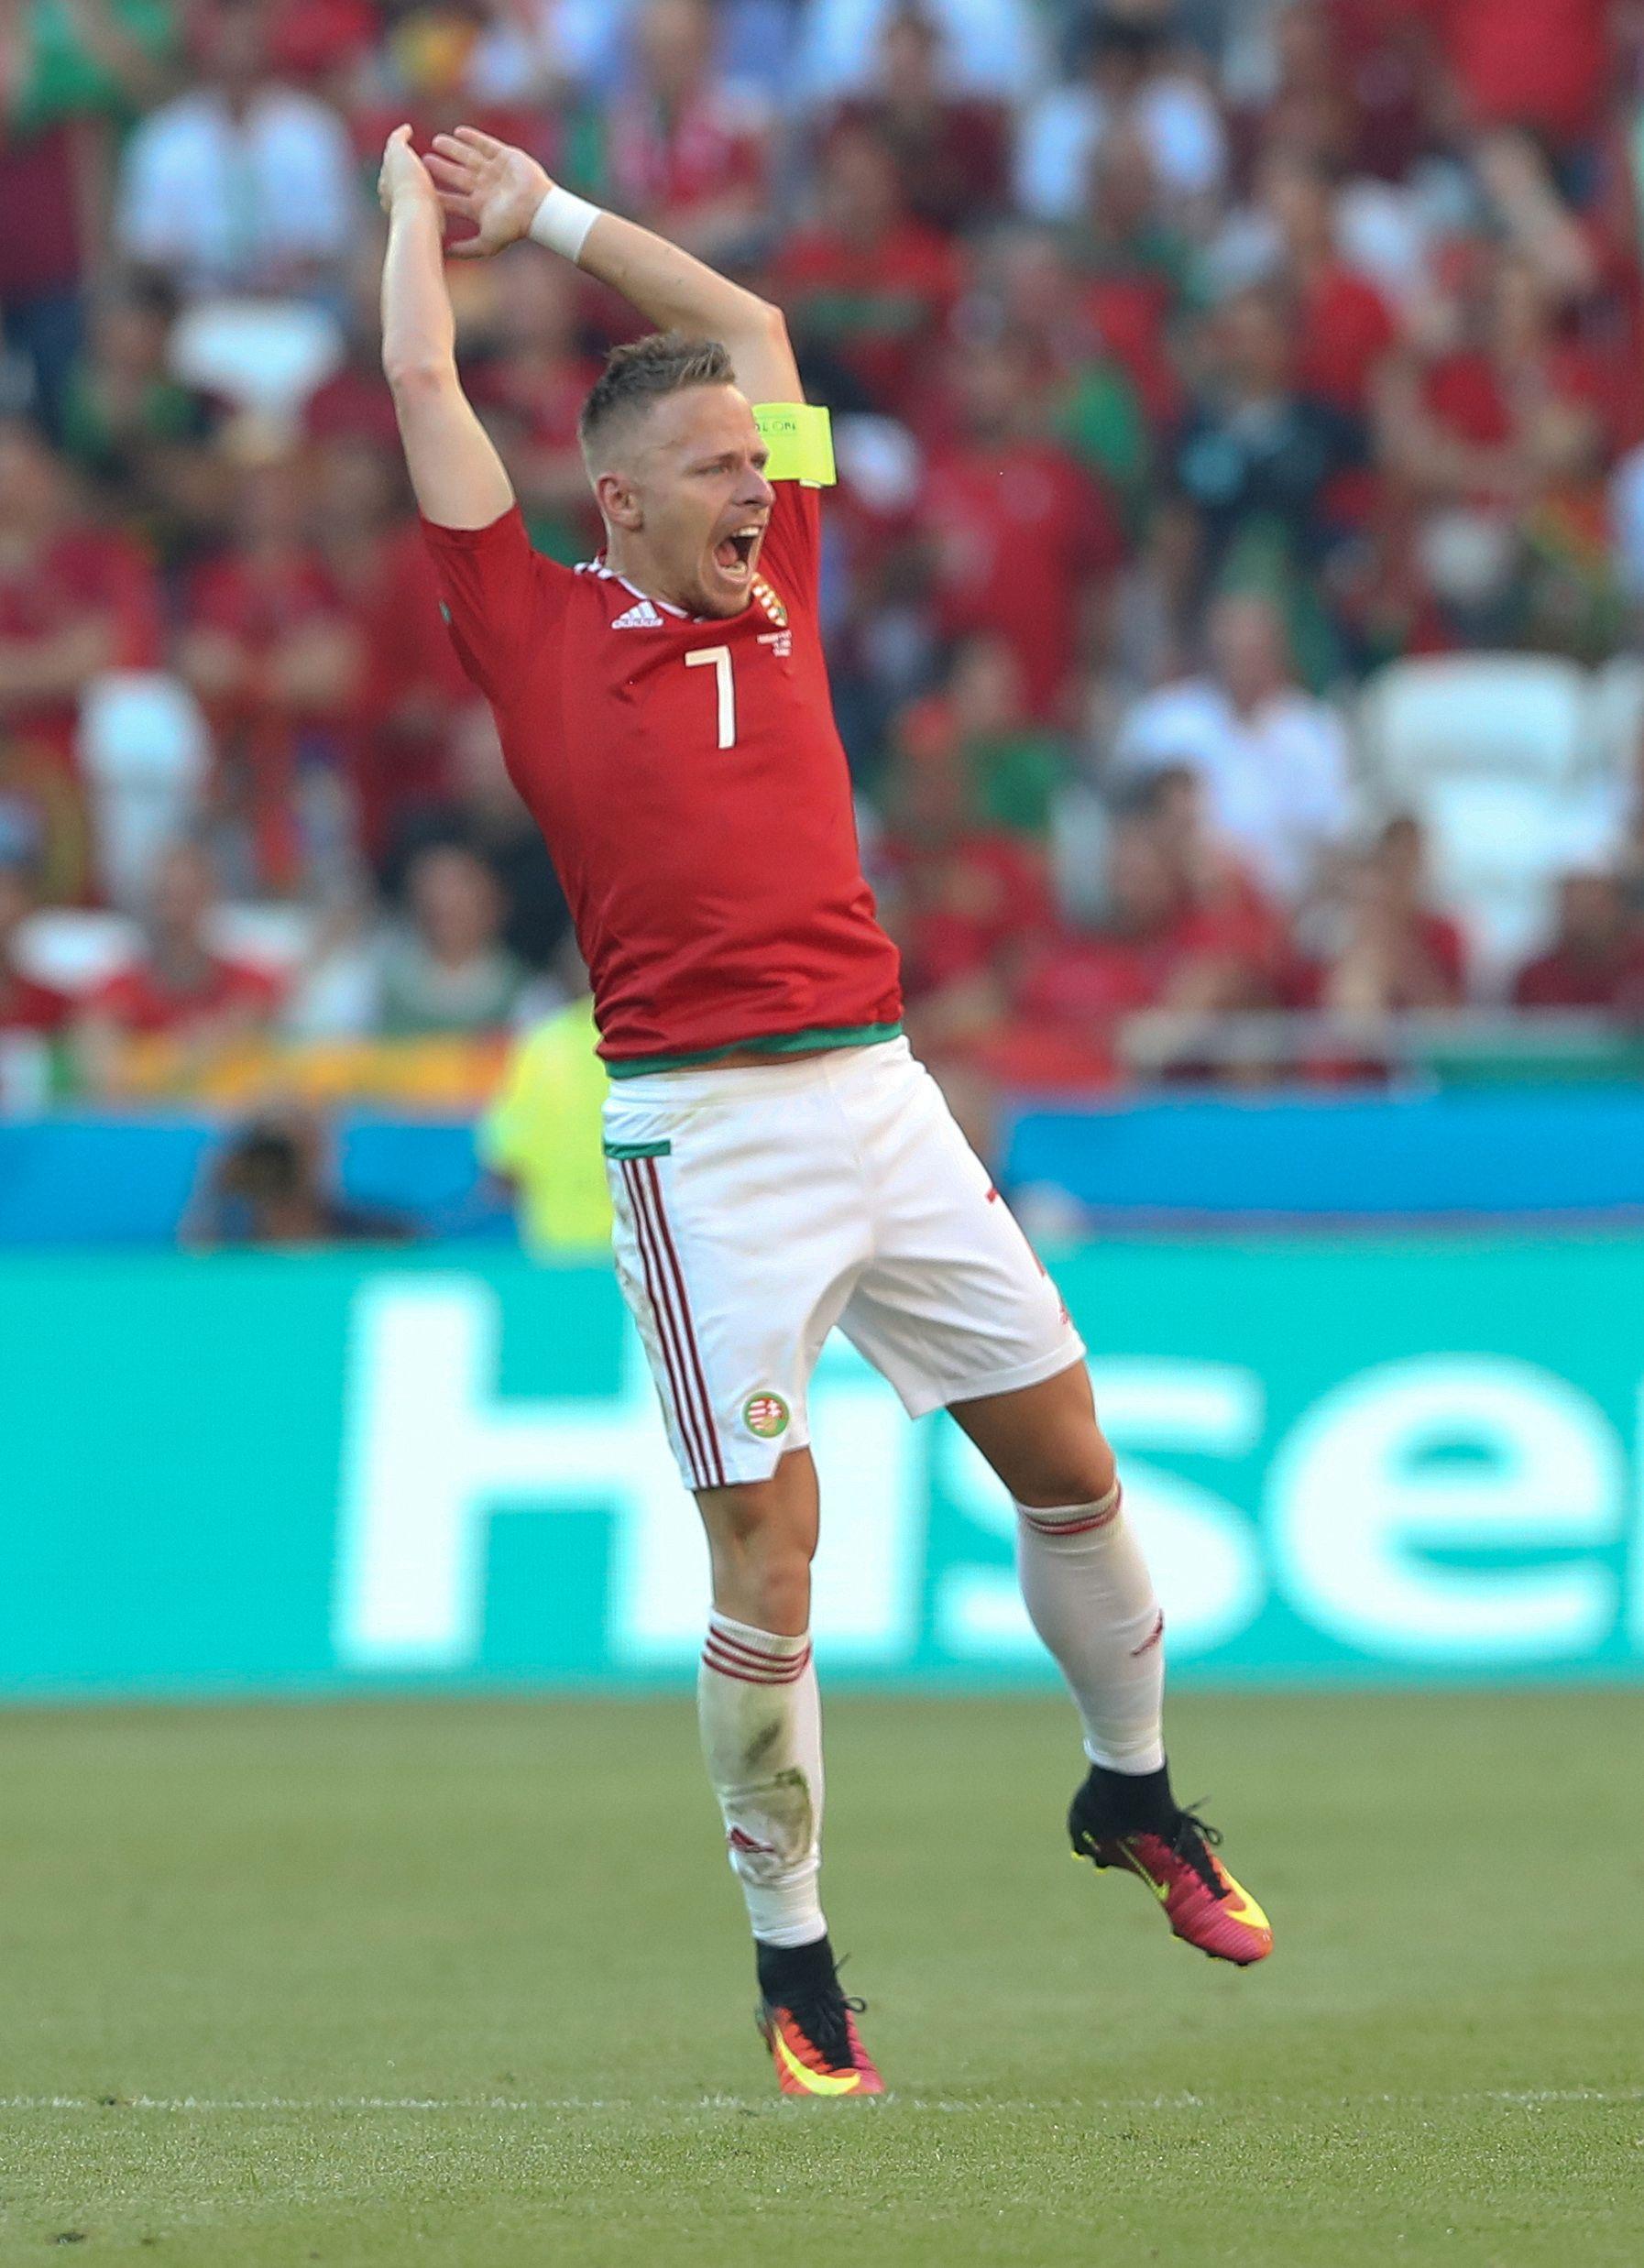 UNGARN-HELT: Takket være to mål av denne mannen, Balazs Dzsudzsak, er Ungarn sensasjonelle gruppevinnere.